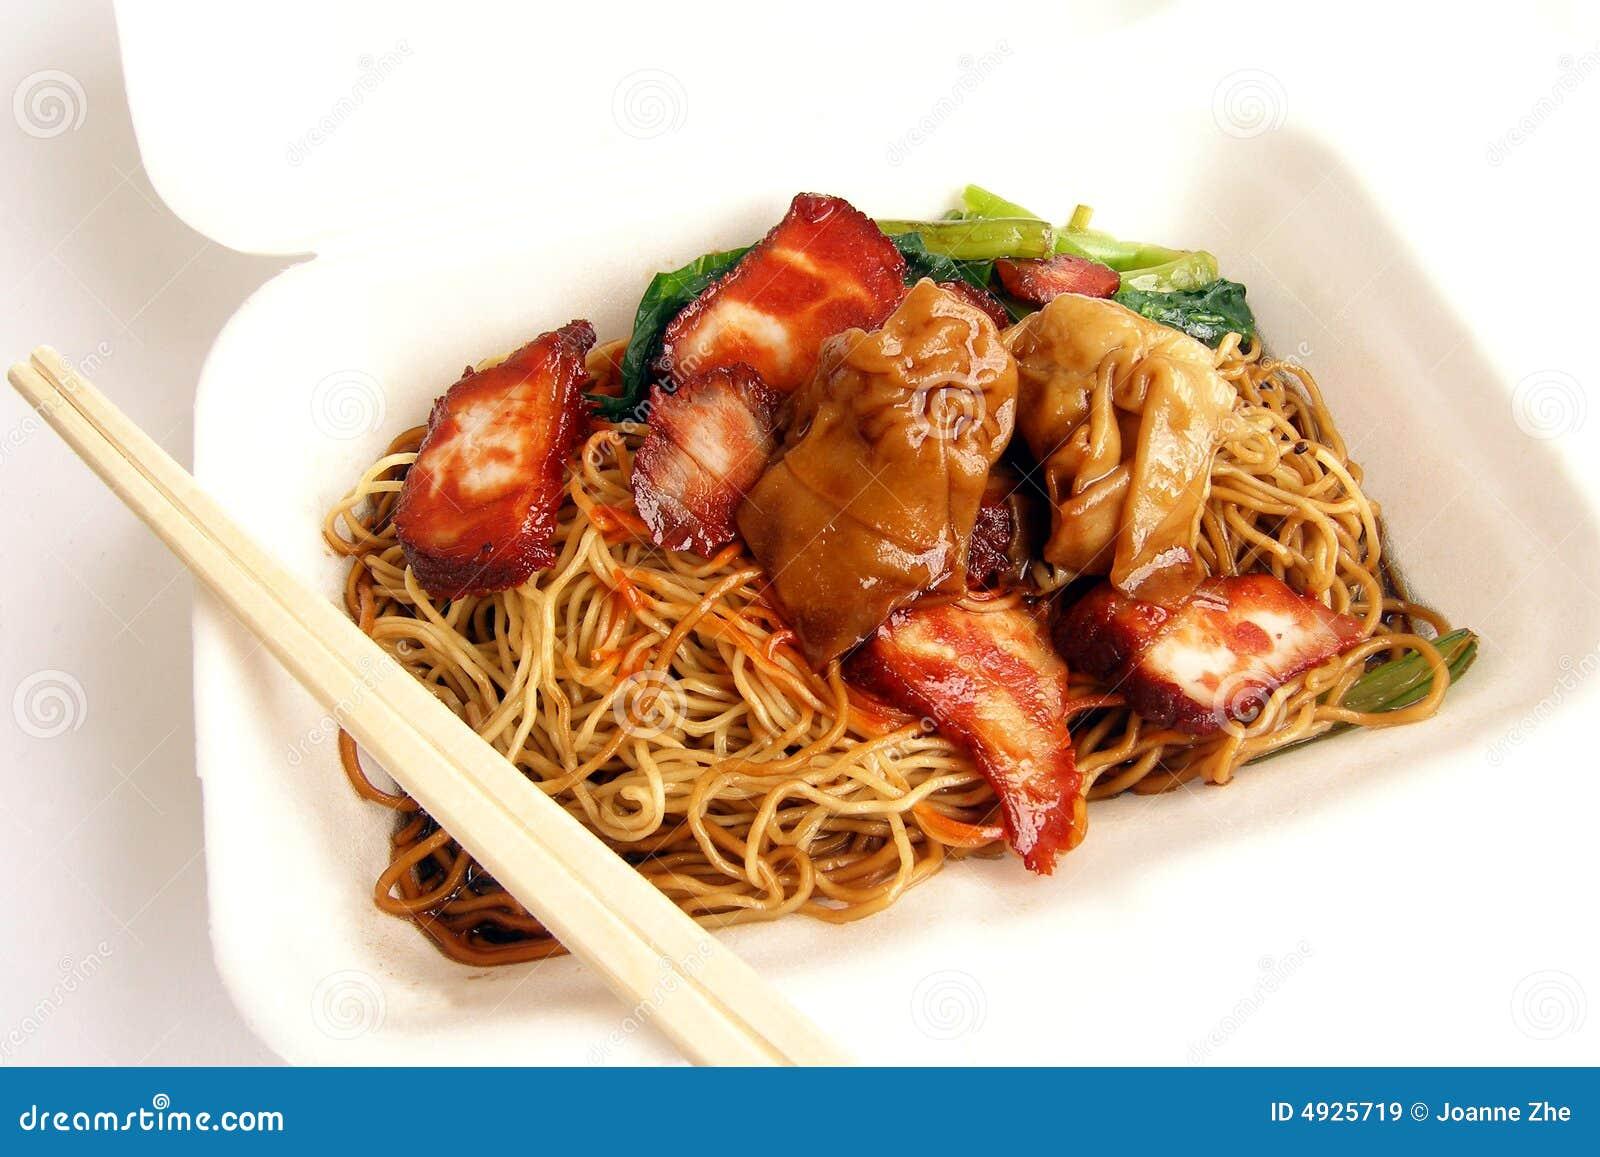 中国食物面条饭菜外卖点馄饨